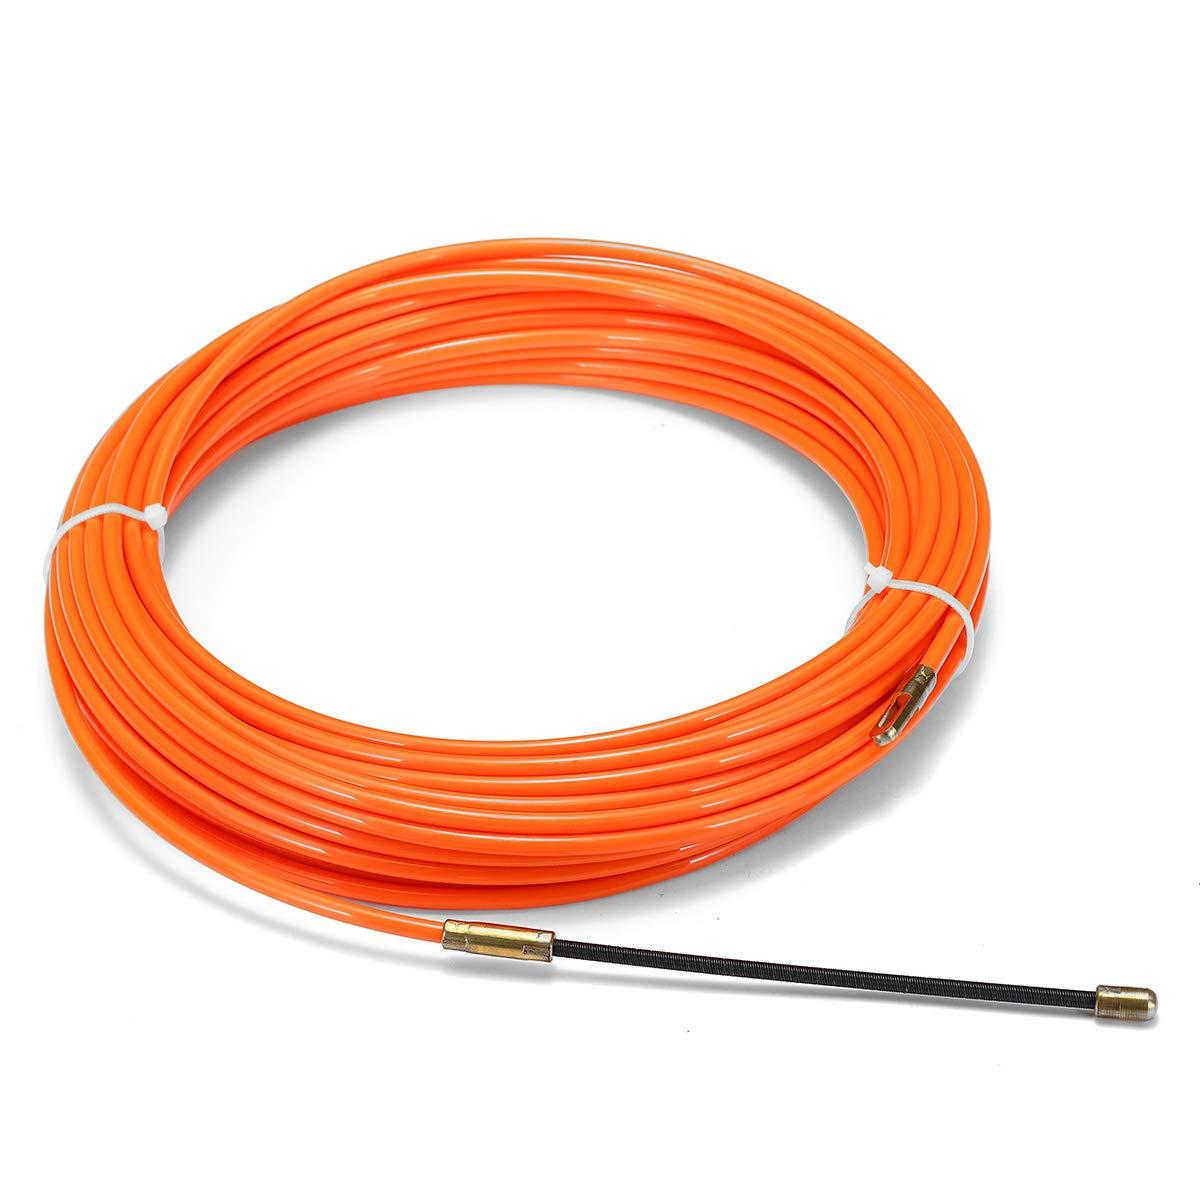 TuToy Cable Empujador Extractor Carrete Conducto Nylon Serpiente Pescado Cinta Alambre Naranja 4Mm 15M - 5Cm